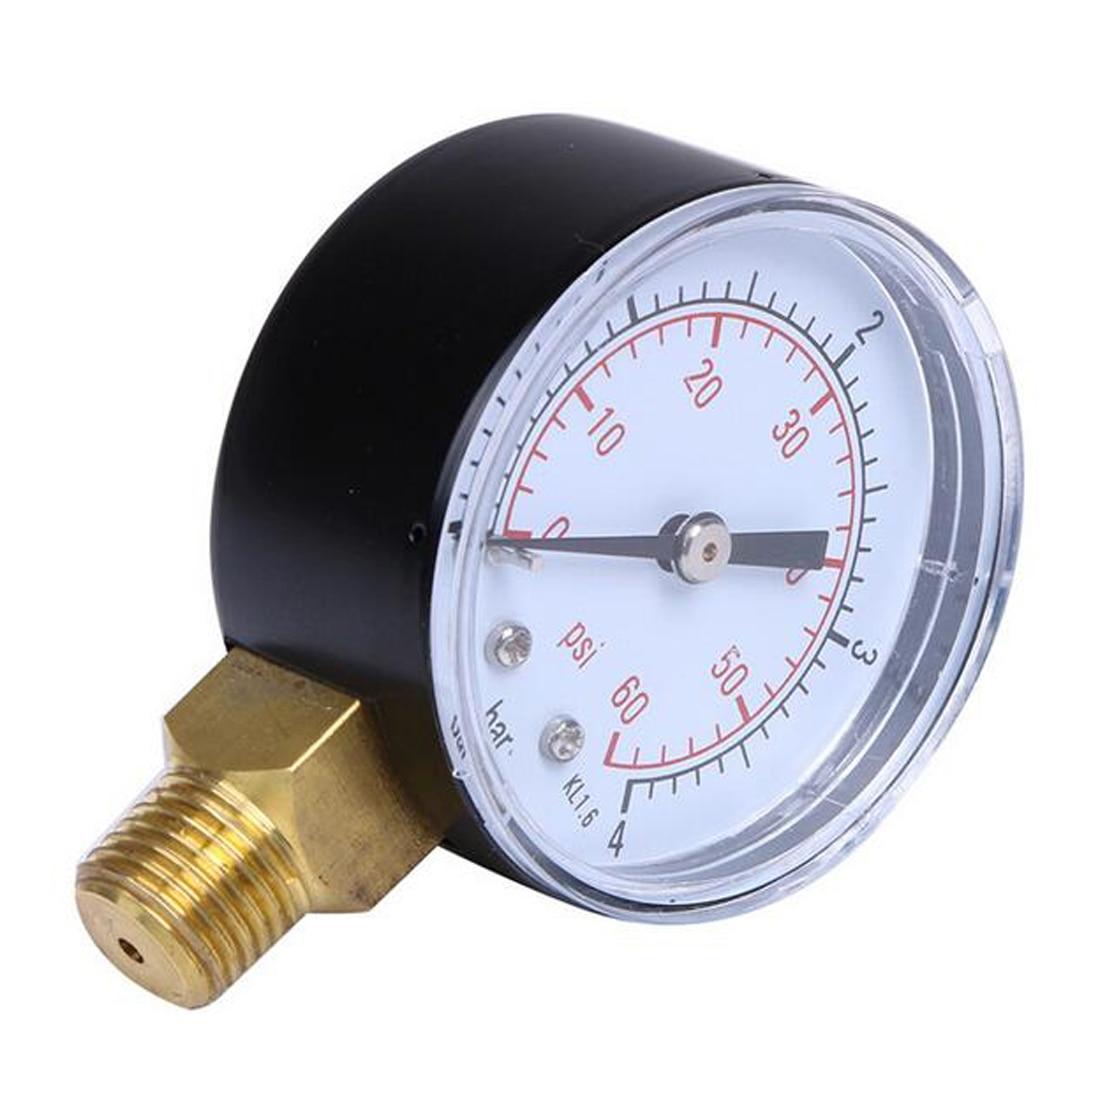 Utility Pressure Gauge 60PSI Side Mount 1/4